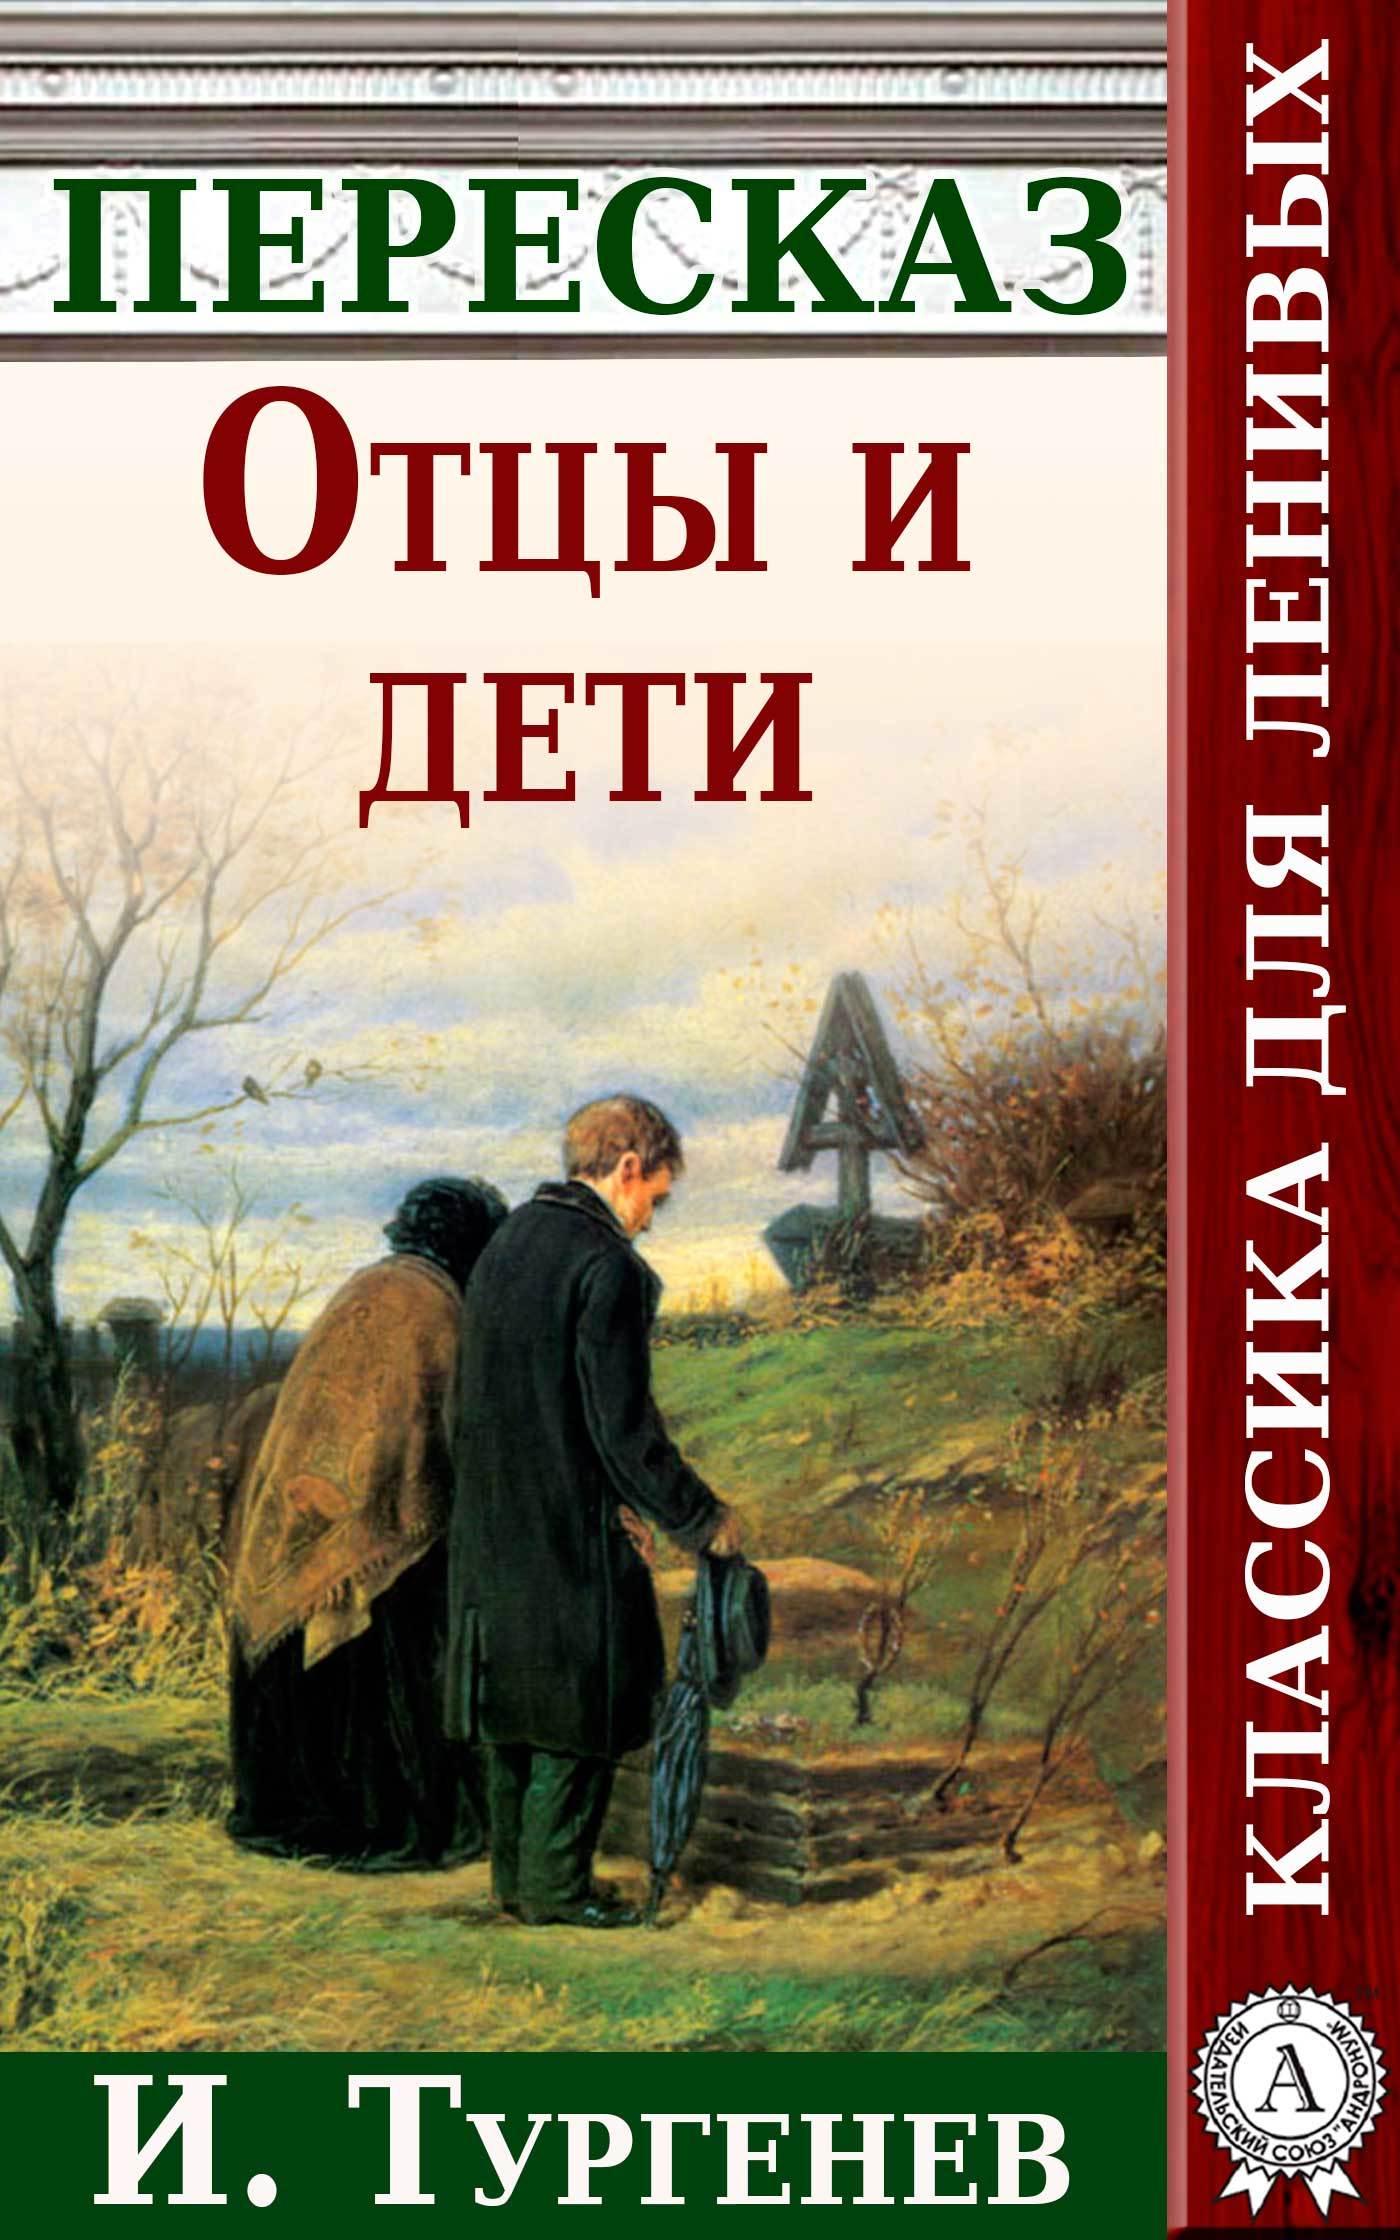 Отцы и дети Краткий пересказ произведения И. Тургенева от ЛитРес